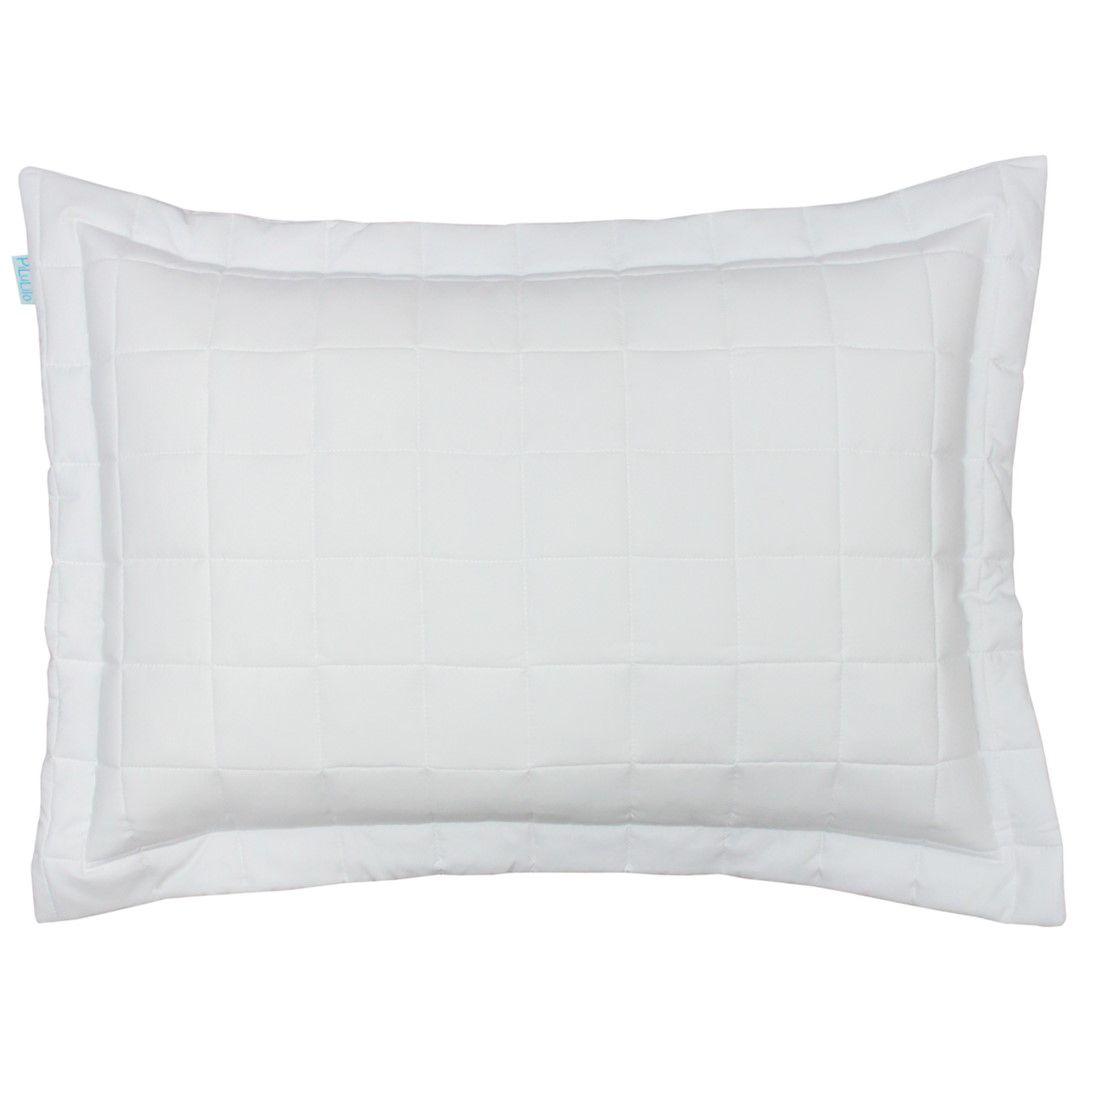 Porta travesseiro percal 200 fios cubos branco